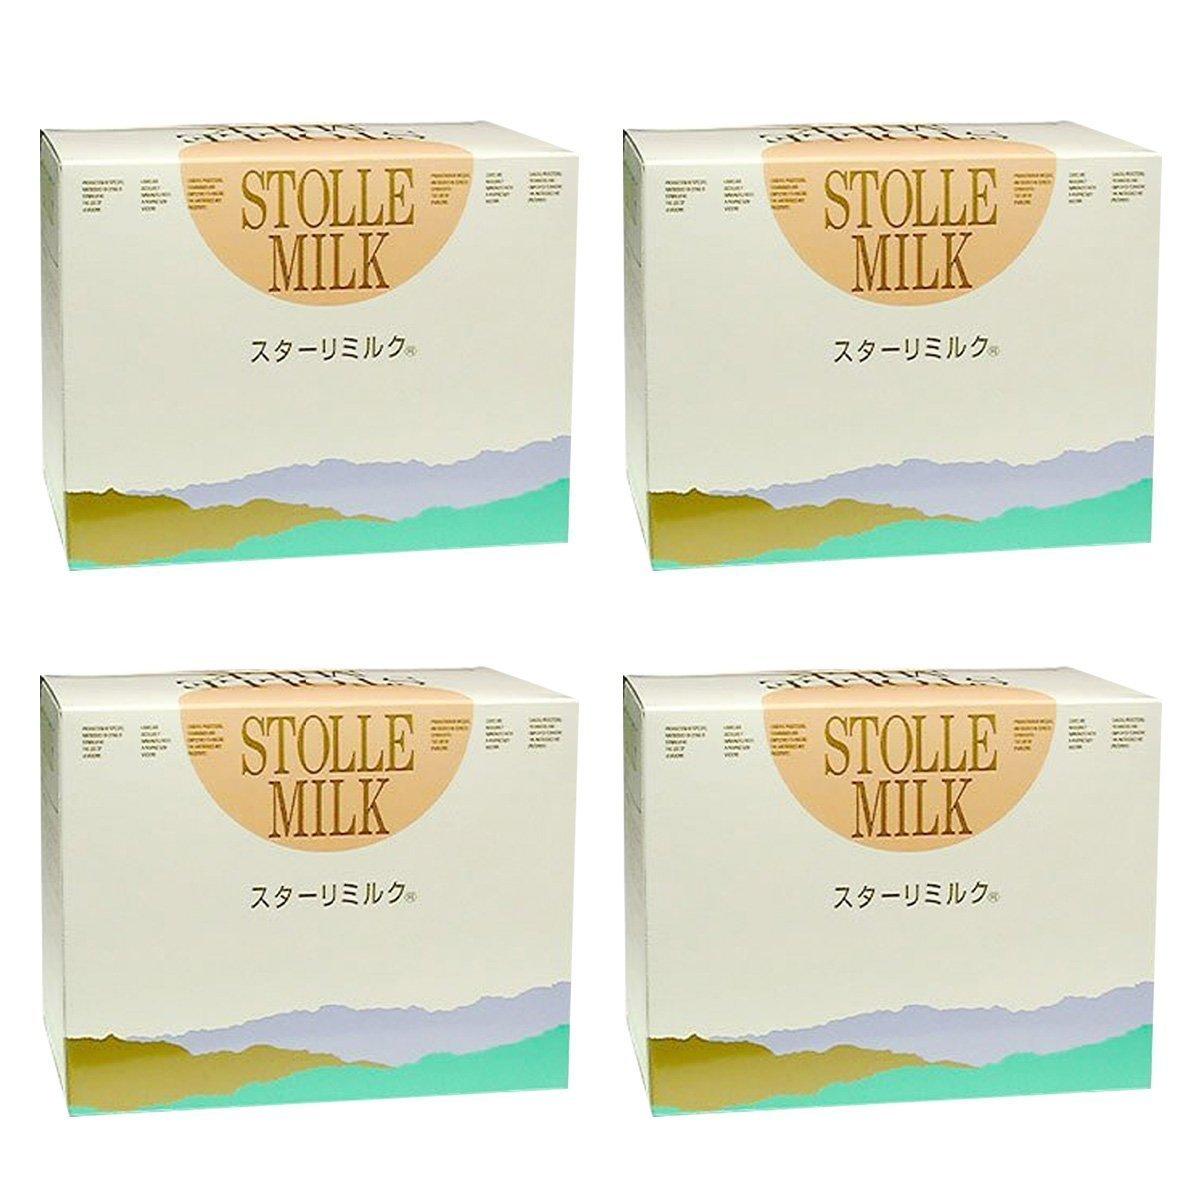 【送料無料】スターリミルク (20g×32袋) お得な4箱まとめ買い